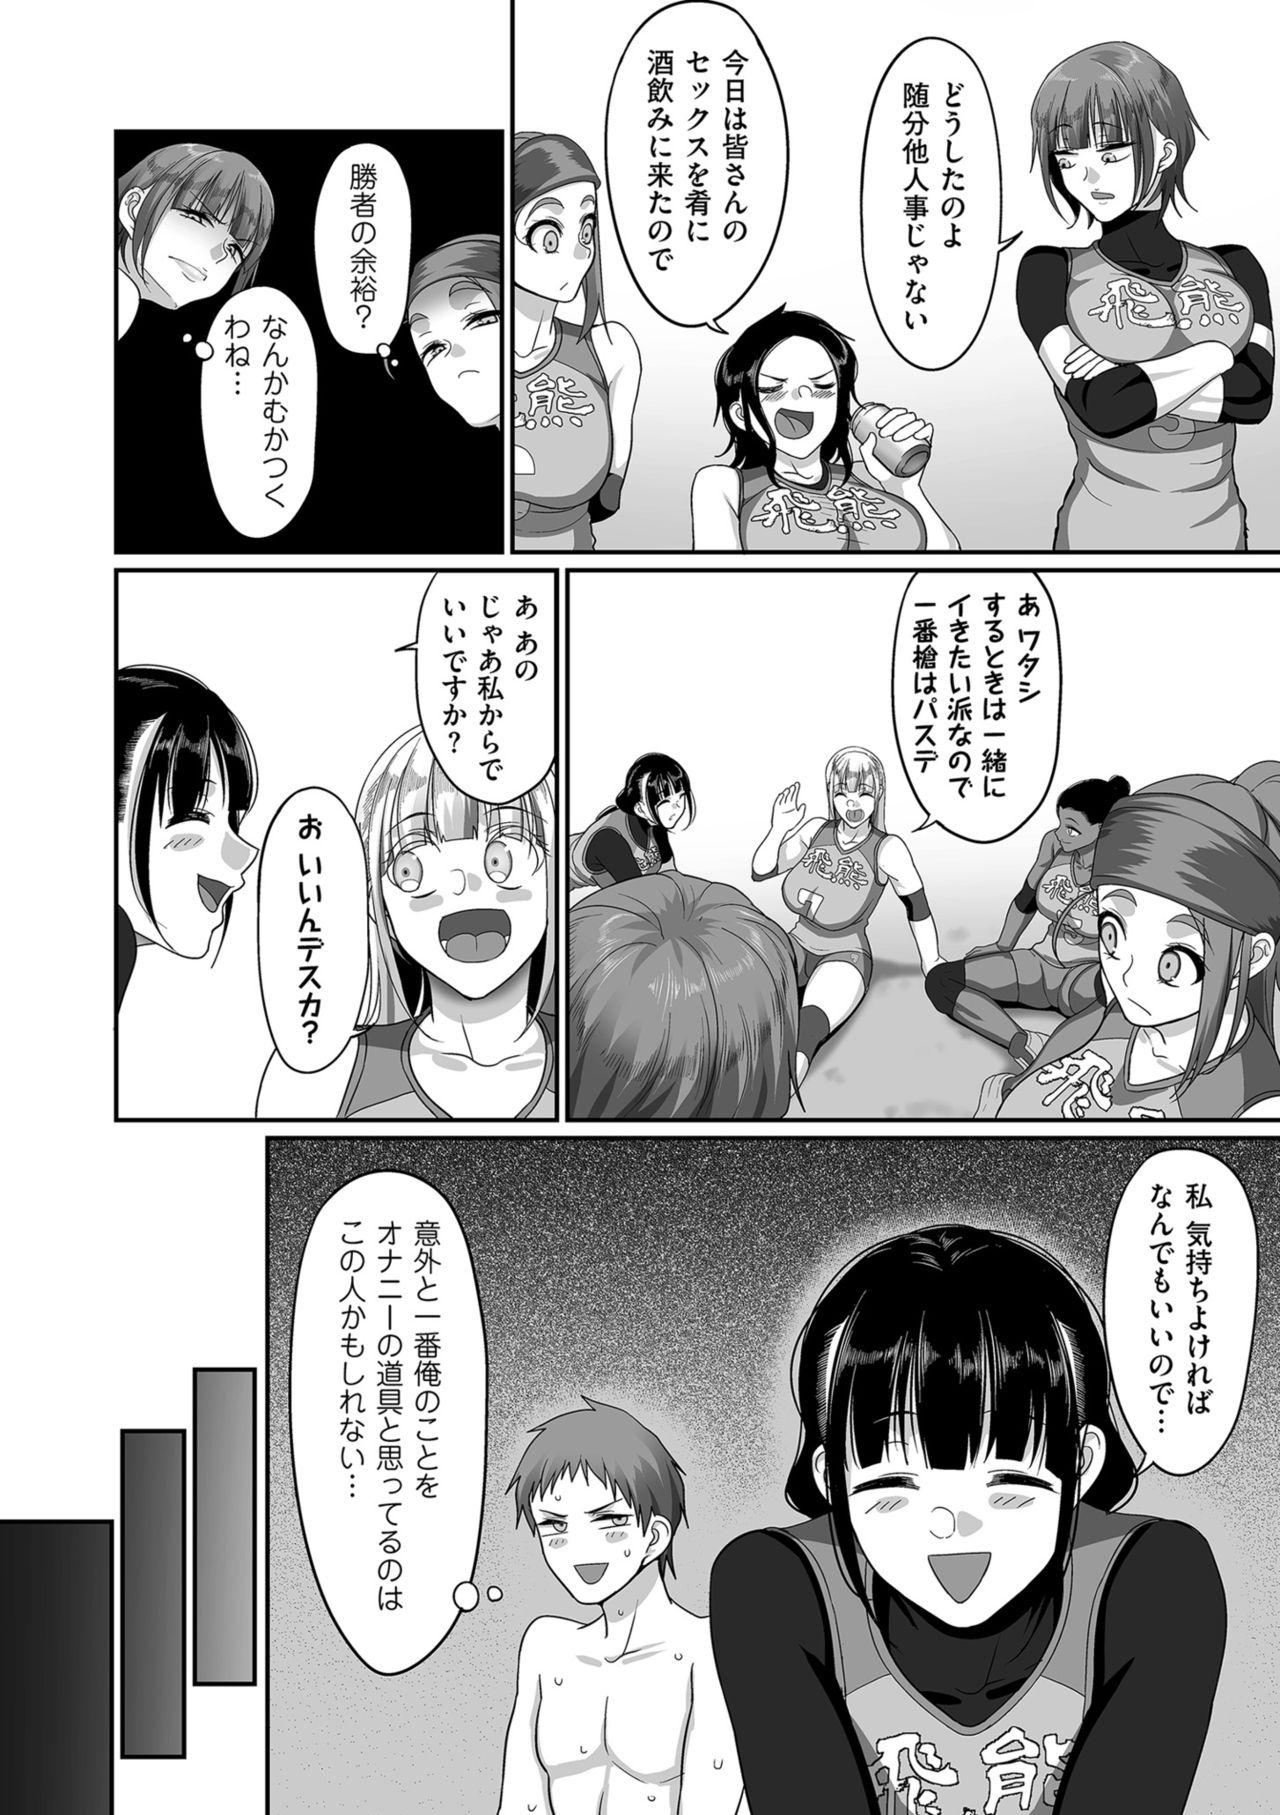 [Yamamoto Zenzen] S-ken K-shi Shakaijin Joshi Volleyball Circle no Jijou [Digital] 187